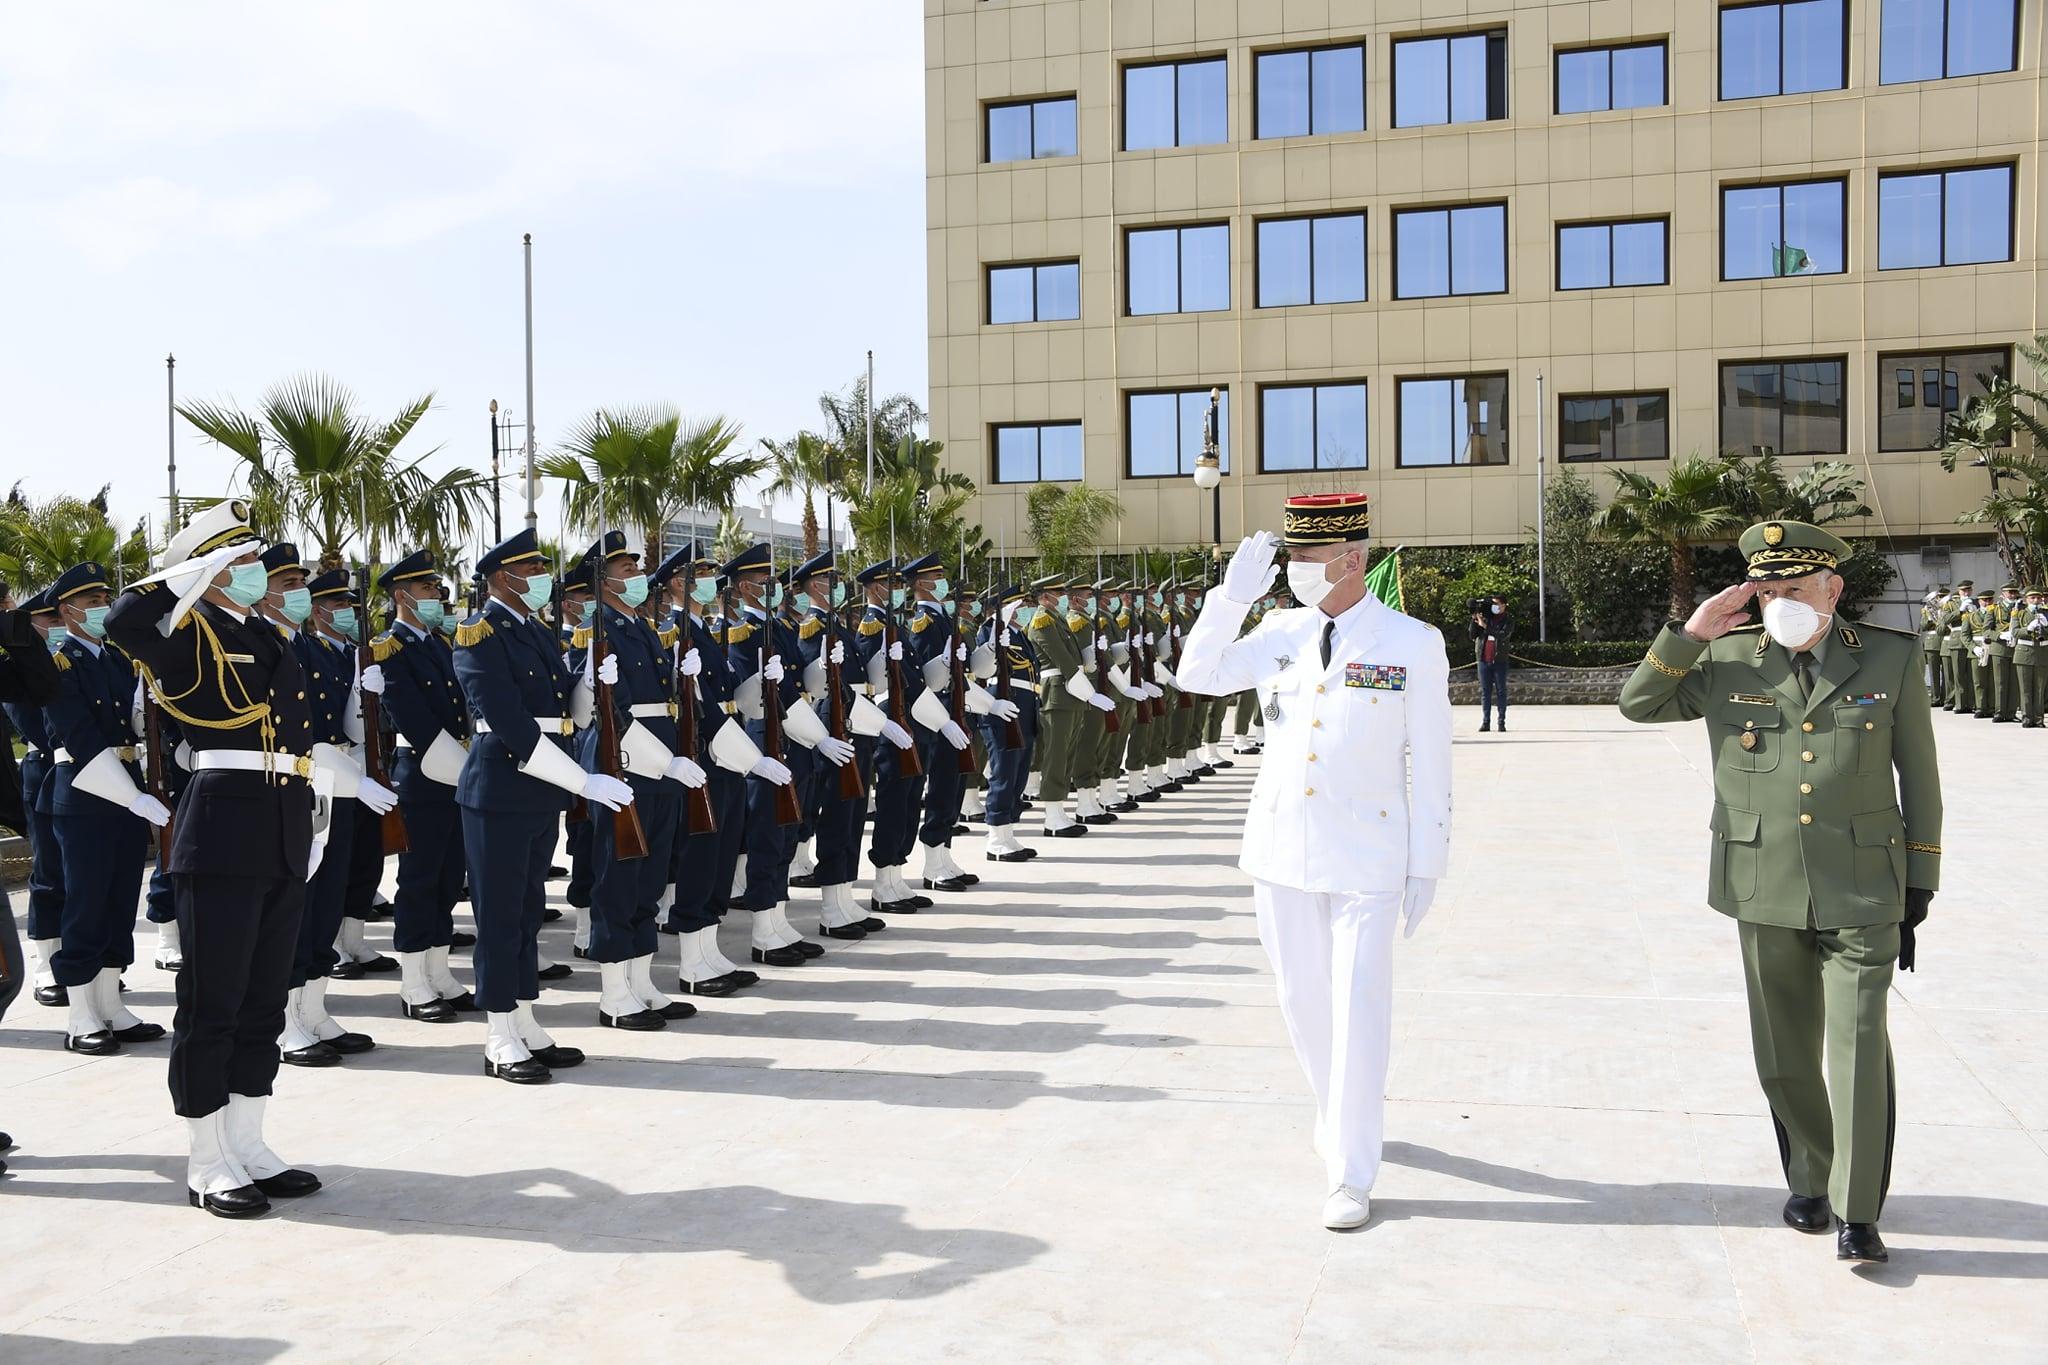 Coopération militaire algéro-française:  Saïd Chengriha reçoit le chef d'état-major des Armées françaises - Algérie